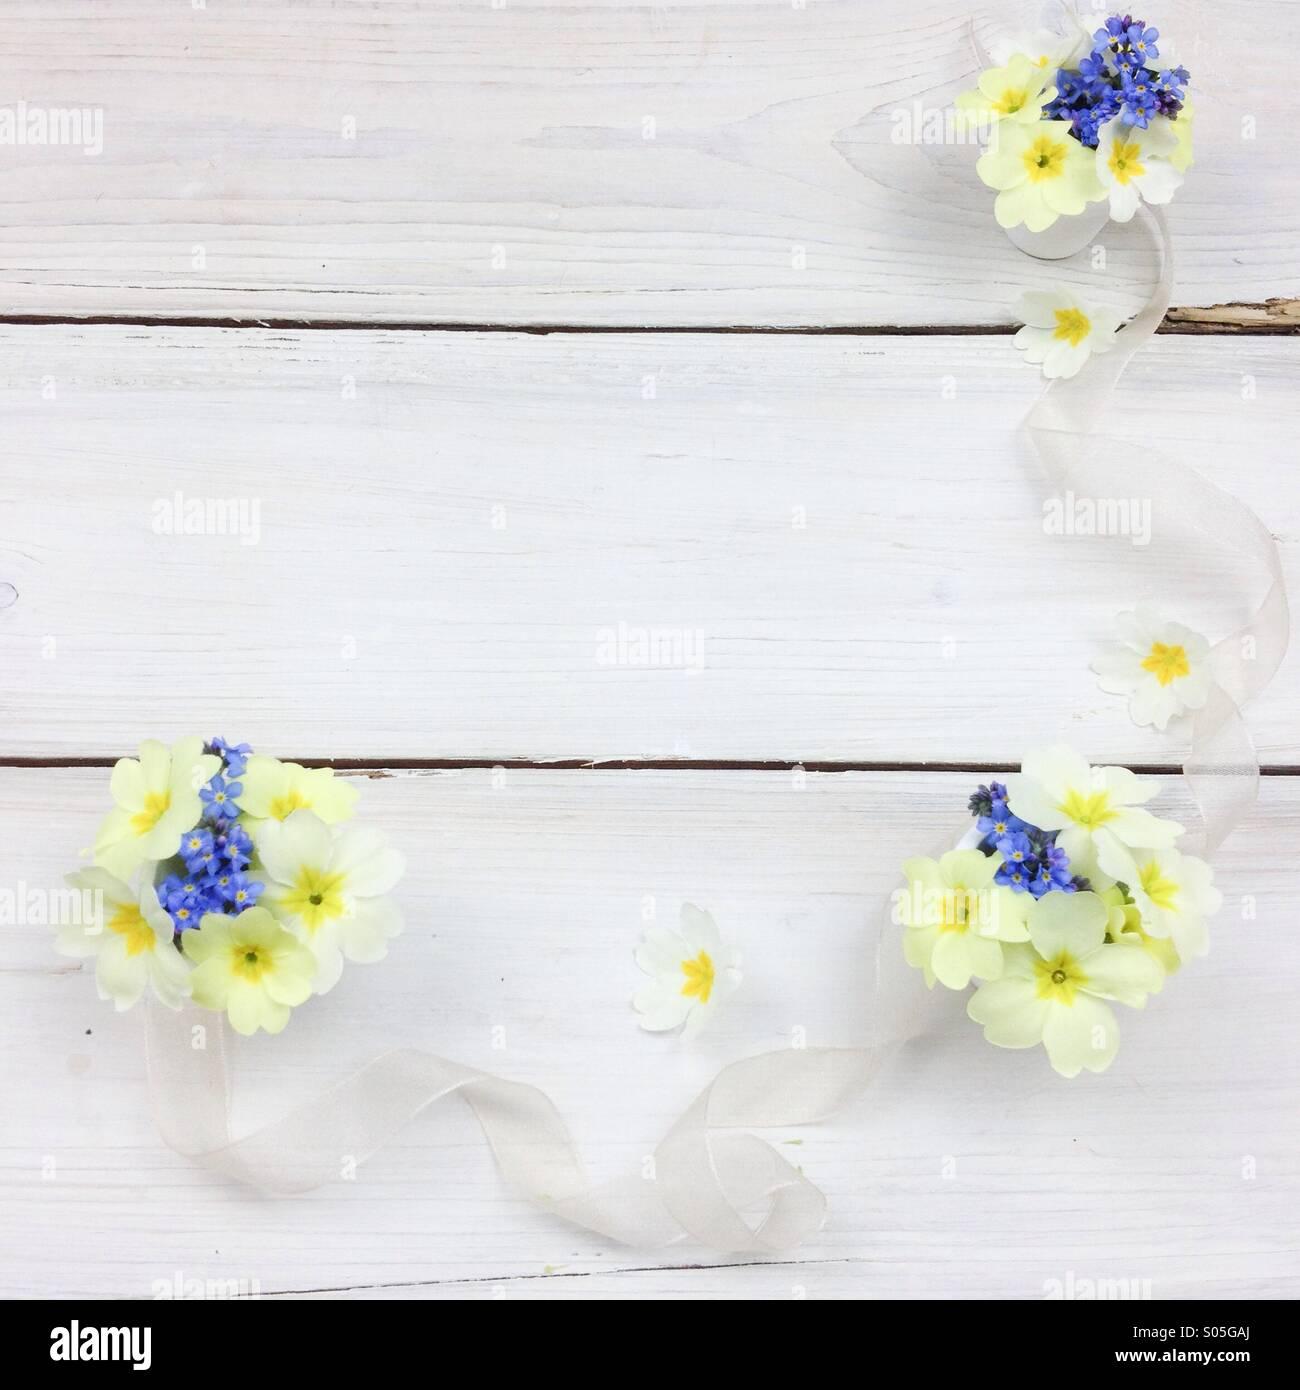 Spring fairy posies de prímulas y Forget-me-nots sobre placa de madera blanca Imagen De Stock